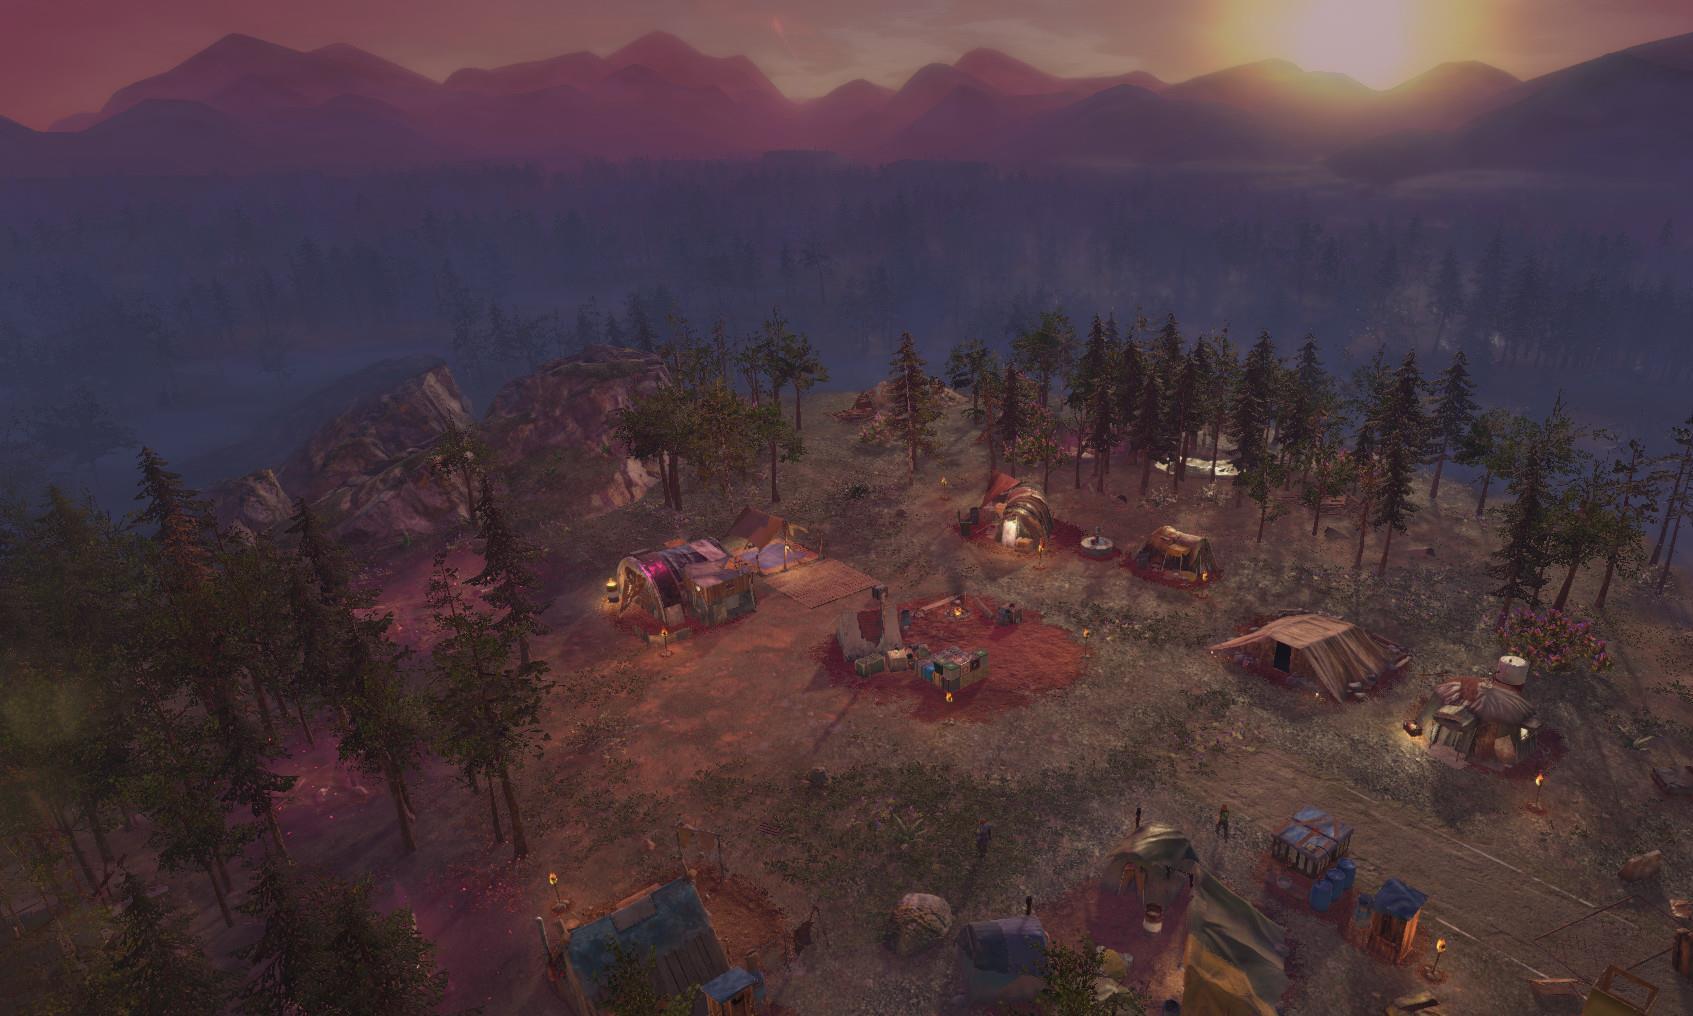 《末日求生》开启Steam抢先体验售价80元